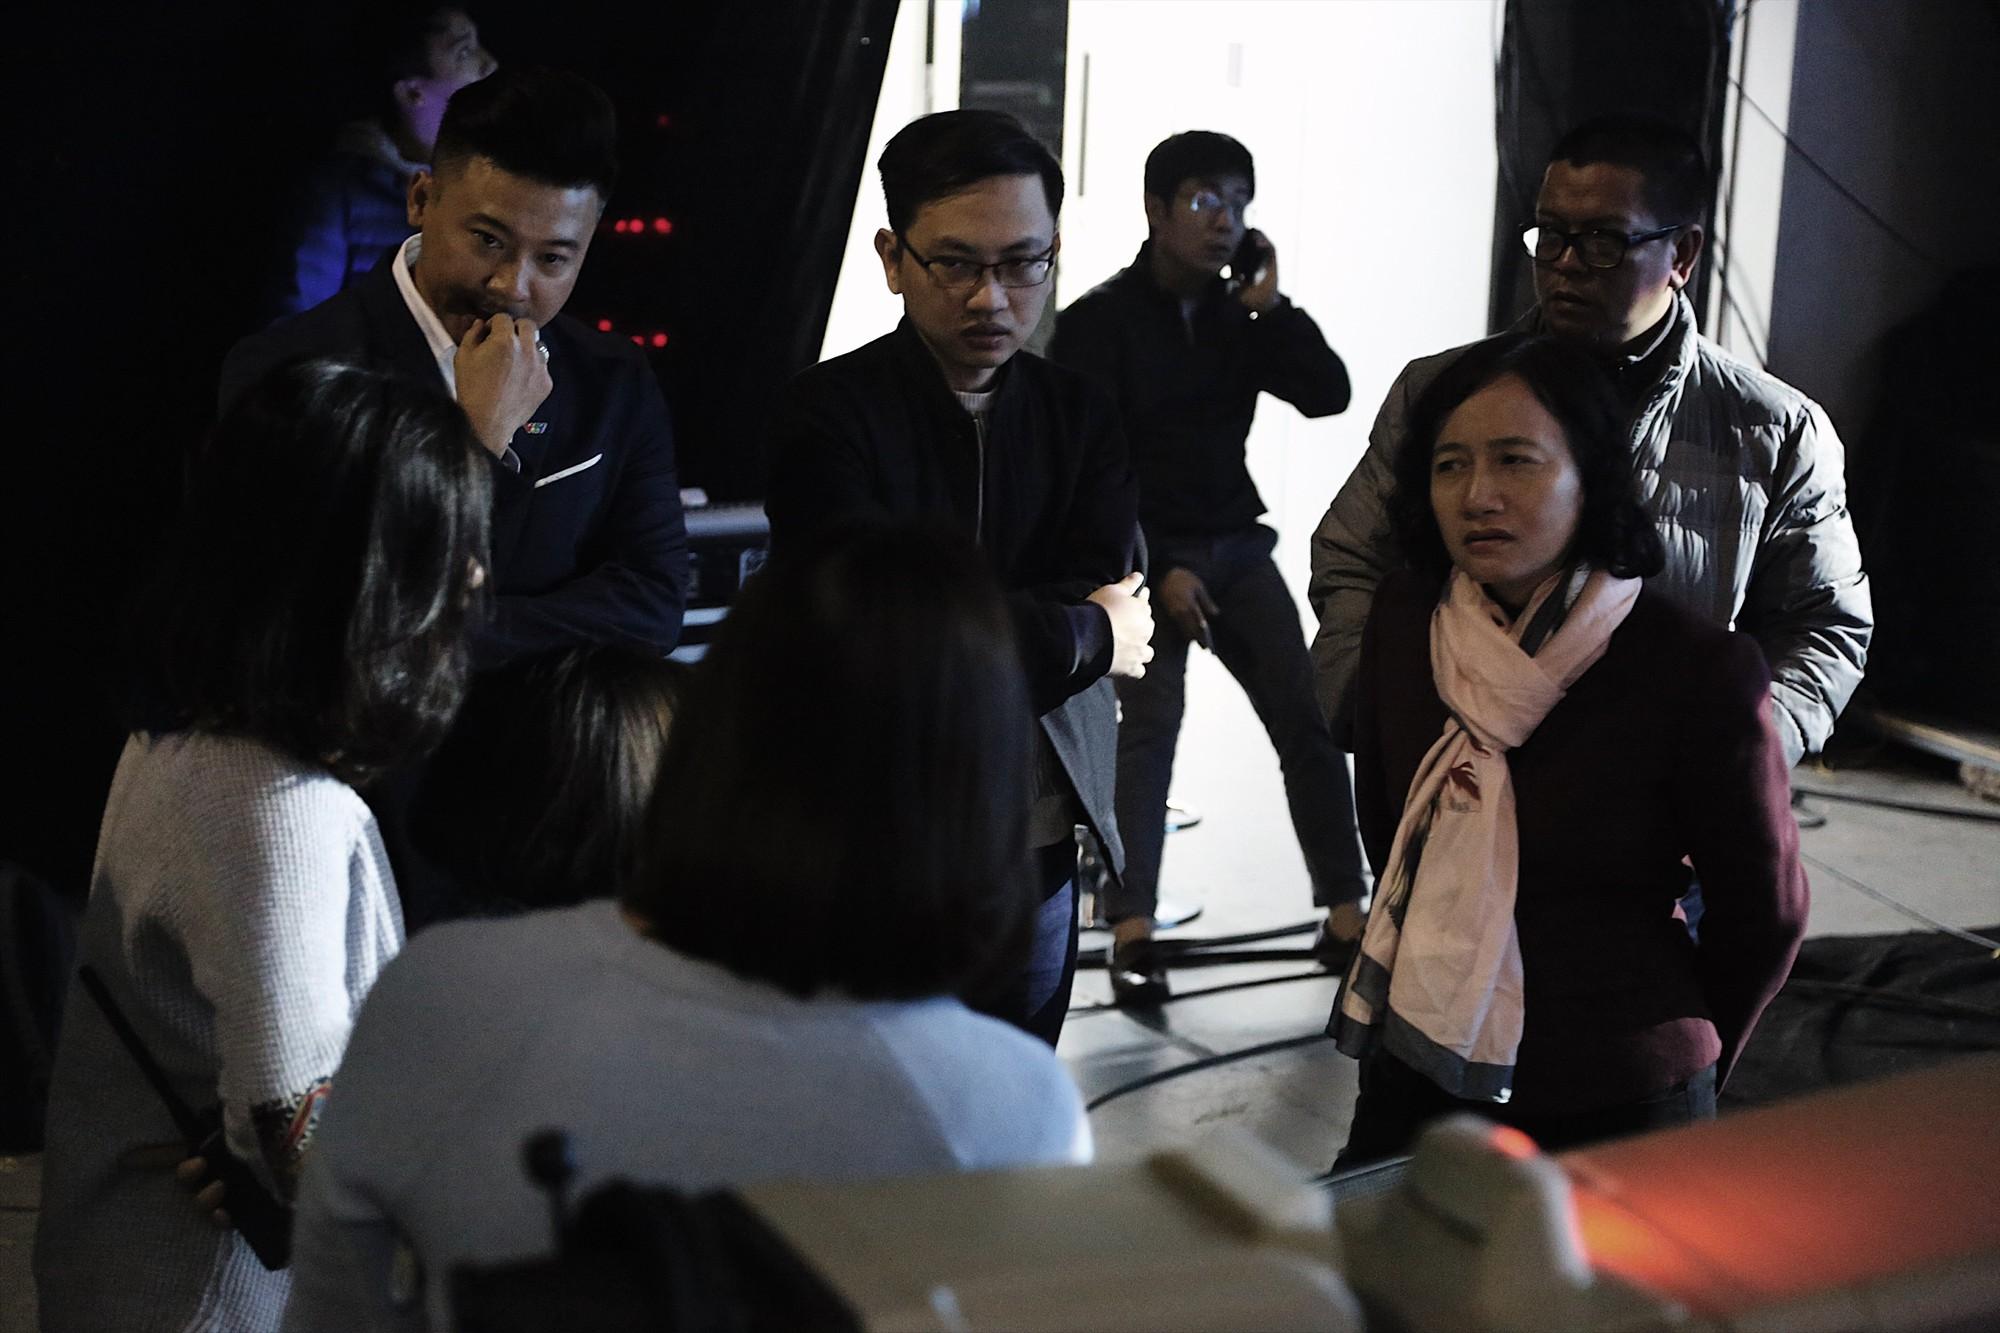 Ngày trở về 2019 - Giong buồm đón gió: Kể tiếp câu chuyện của những người Việt tài giỏi - Ảnh 5.